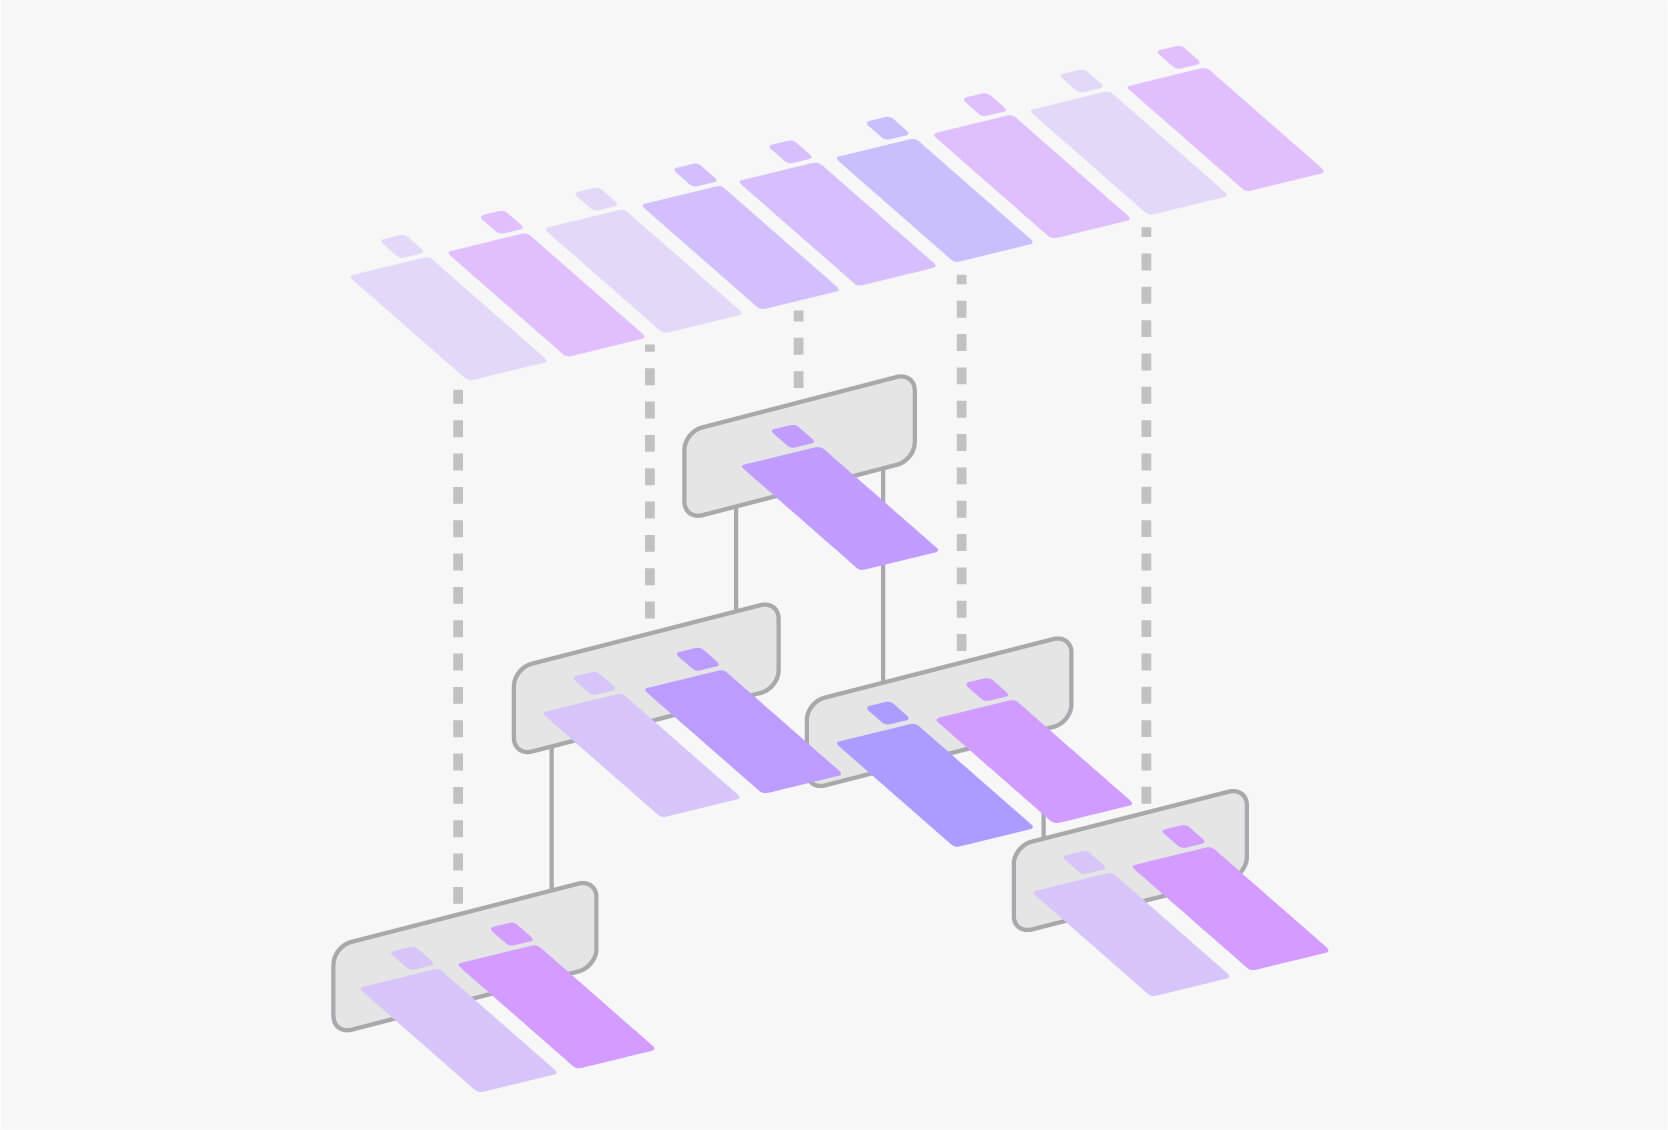 SweetHive è la trasposizione dell'organigramma dell'organizzazione